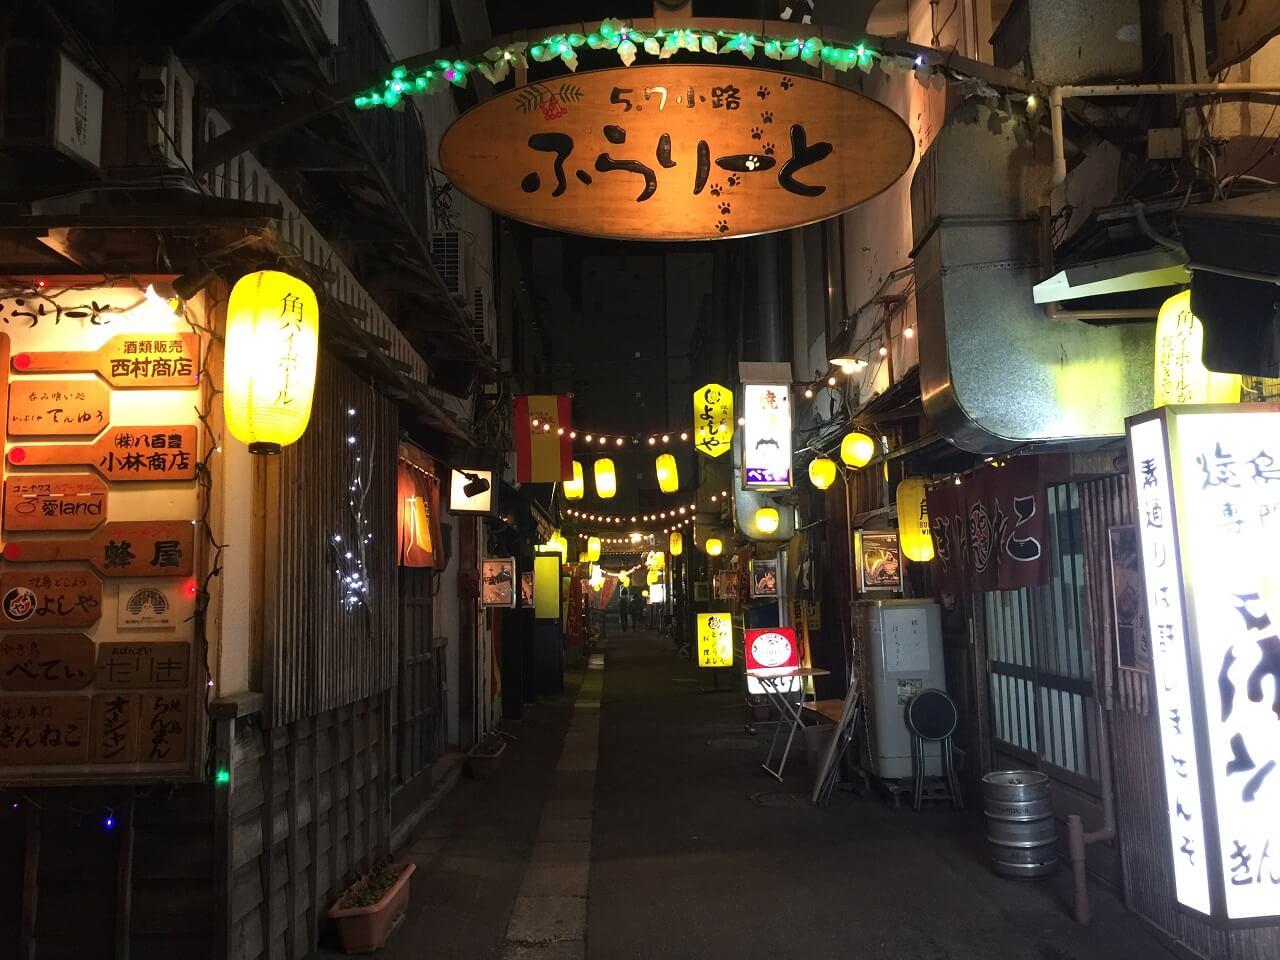 Furarito: Asahikawa's Drinking and Dining Alley